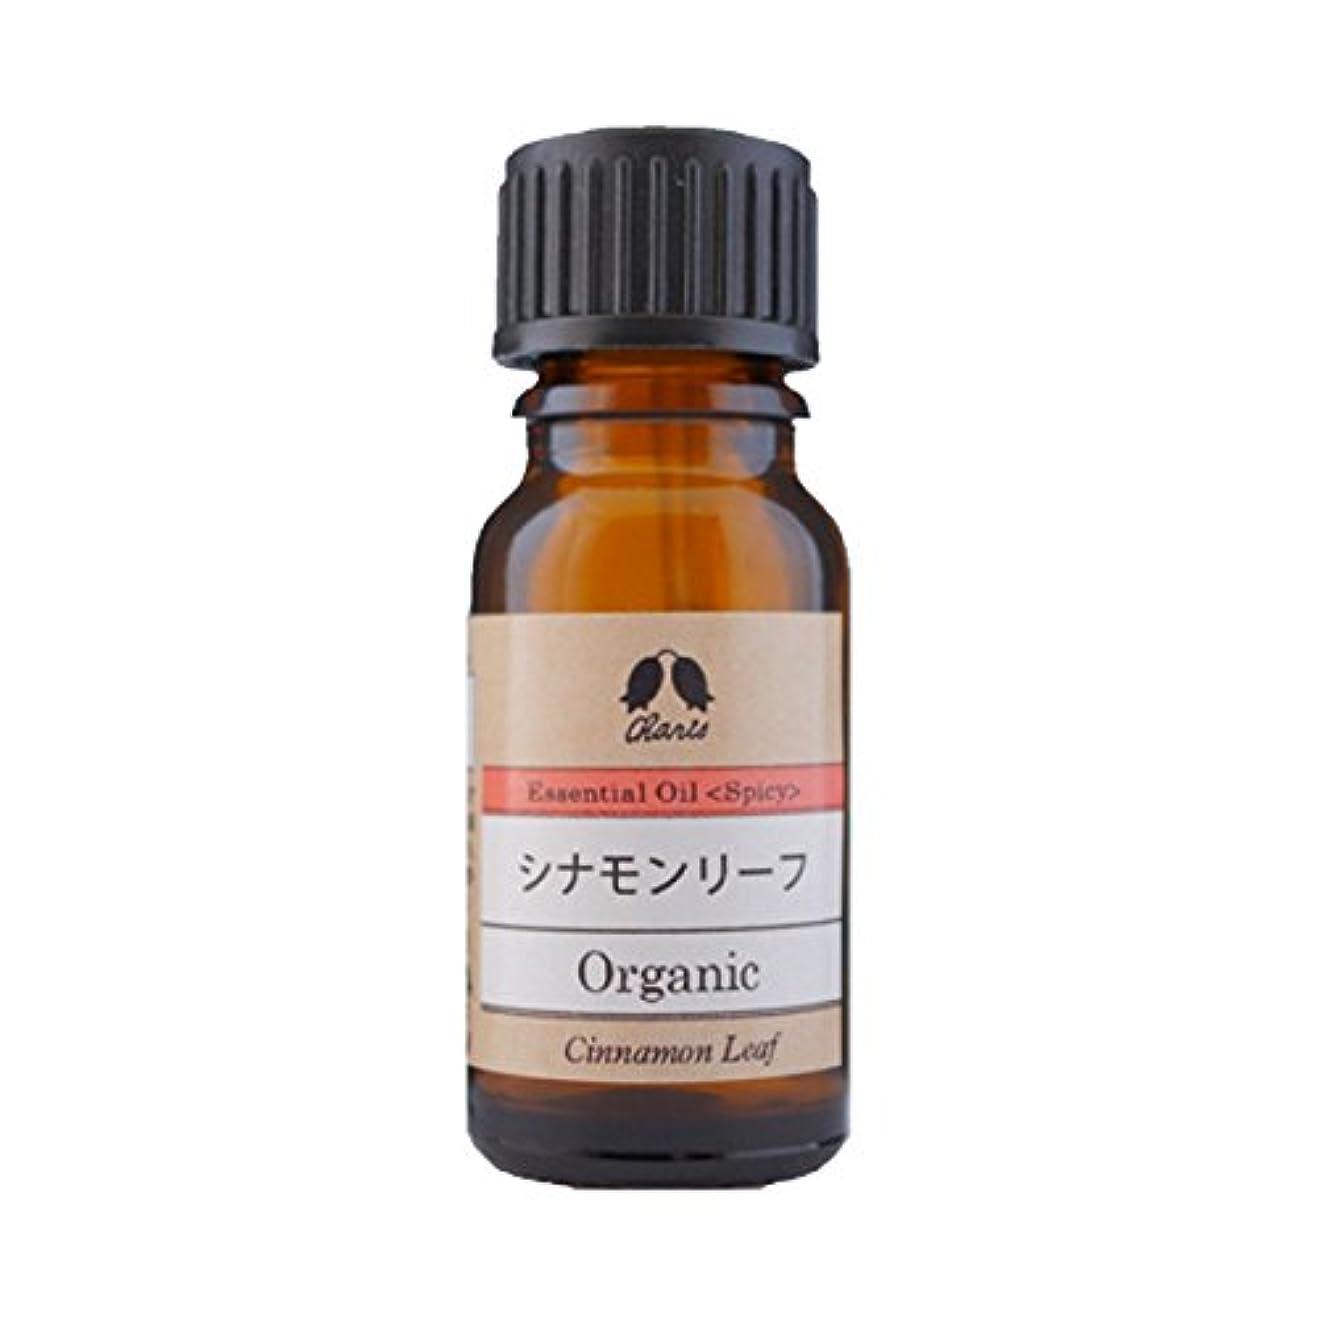 薄汚い前投薬ベテランカリス エッセンシャルオイル シナモンリーフ オーガニック オイル 10ml